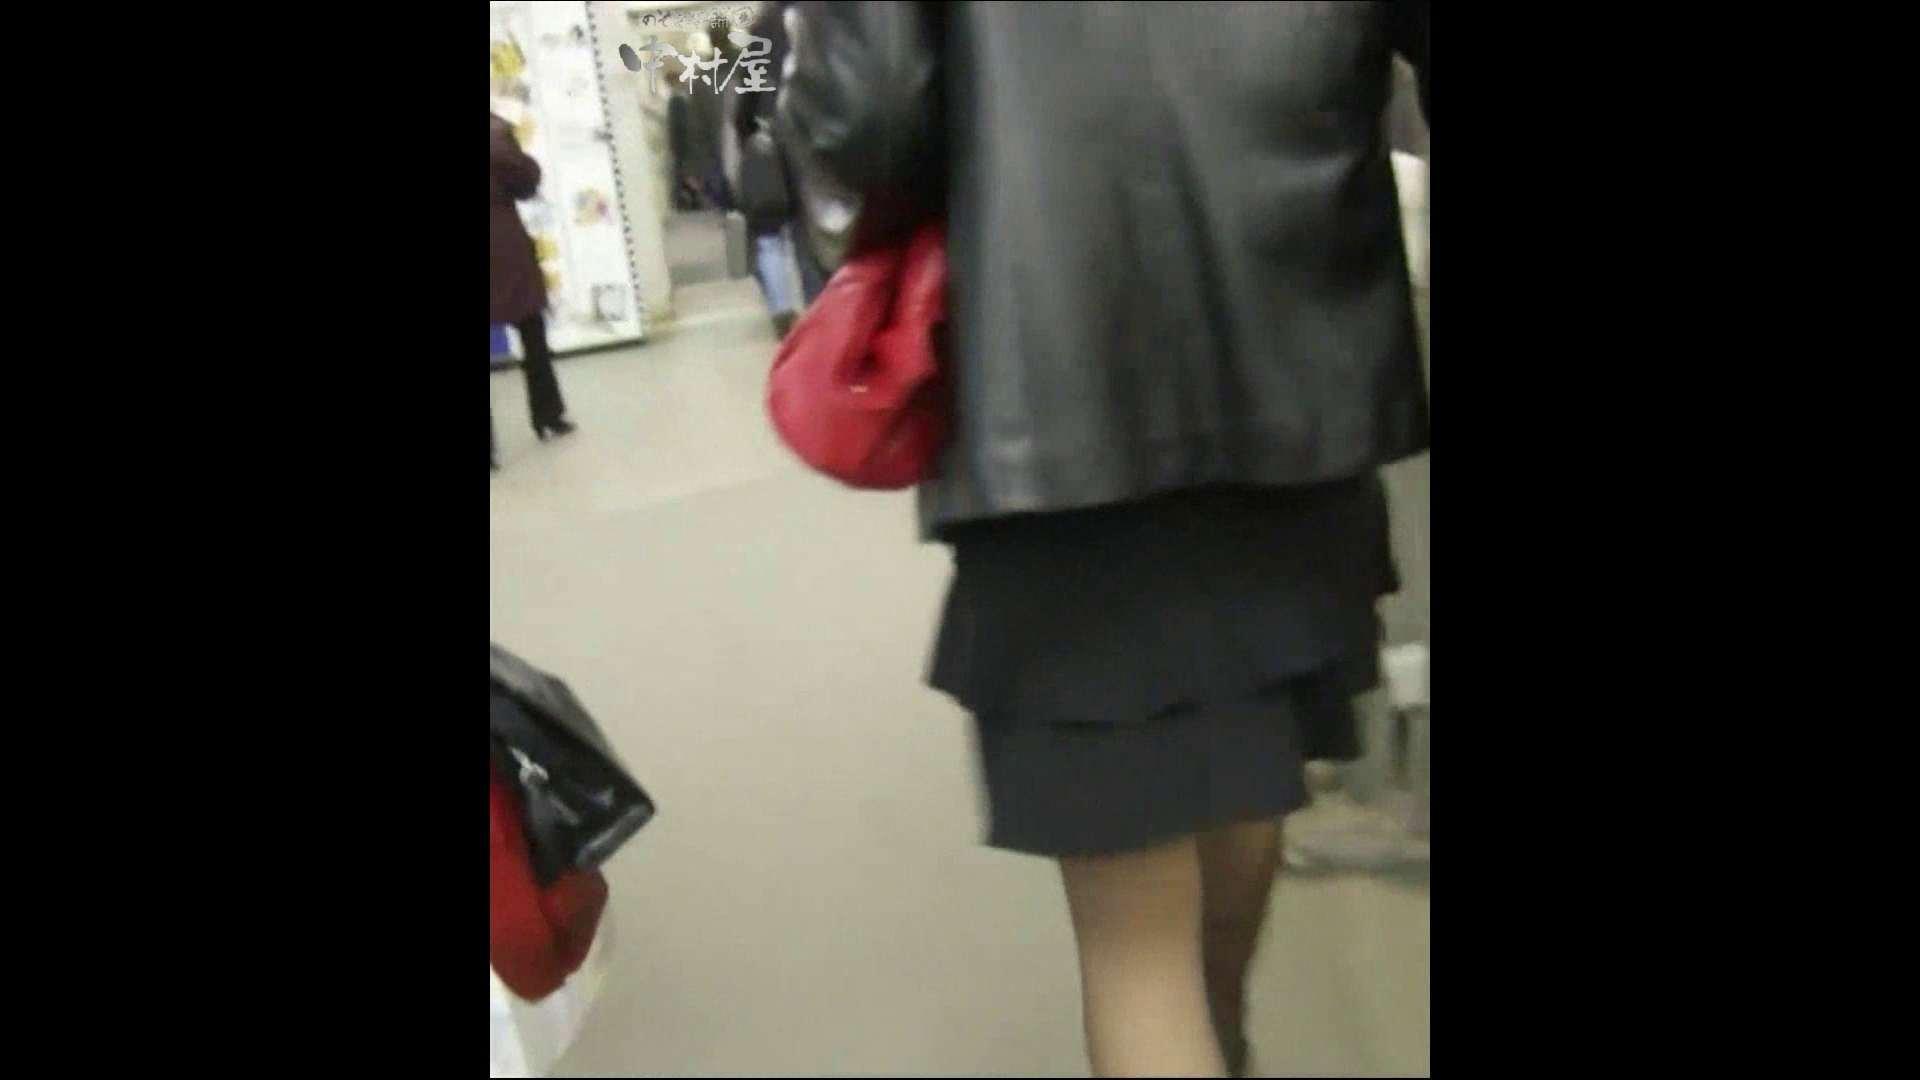 綺麗なモデルさんのスカート捲っちゃおう‼ vol16 モデル  76pic 51